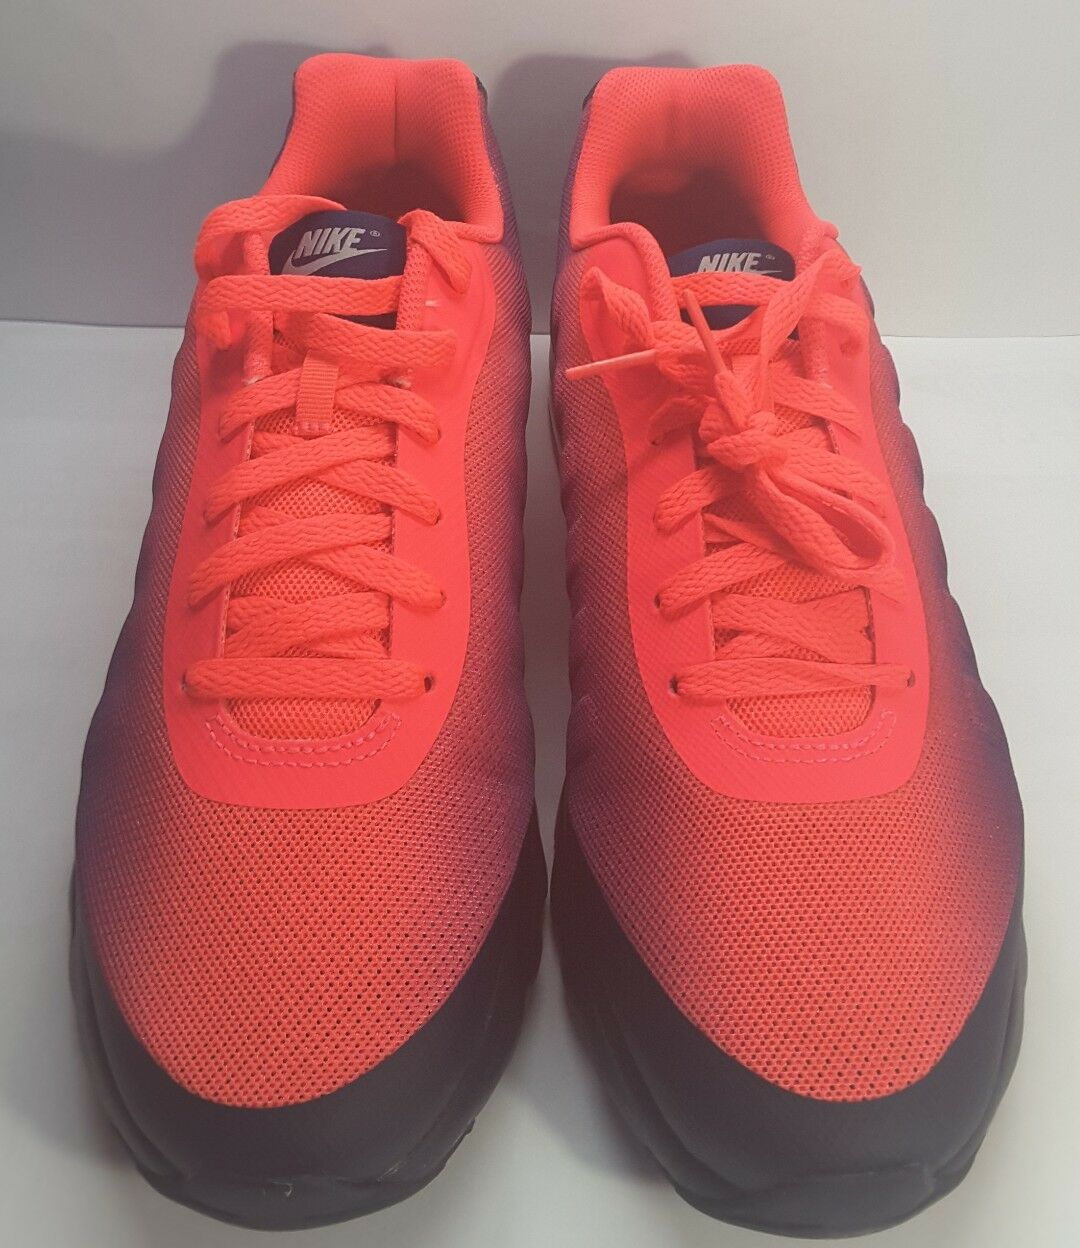 Uomo nike air max rinvigor impronta di scarpe da corsa, volume 11, 749688 602